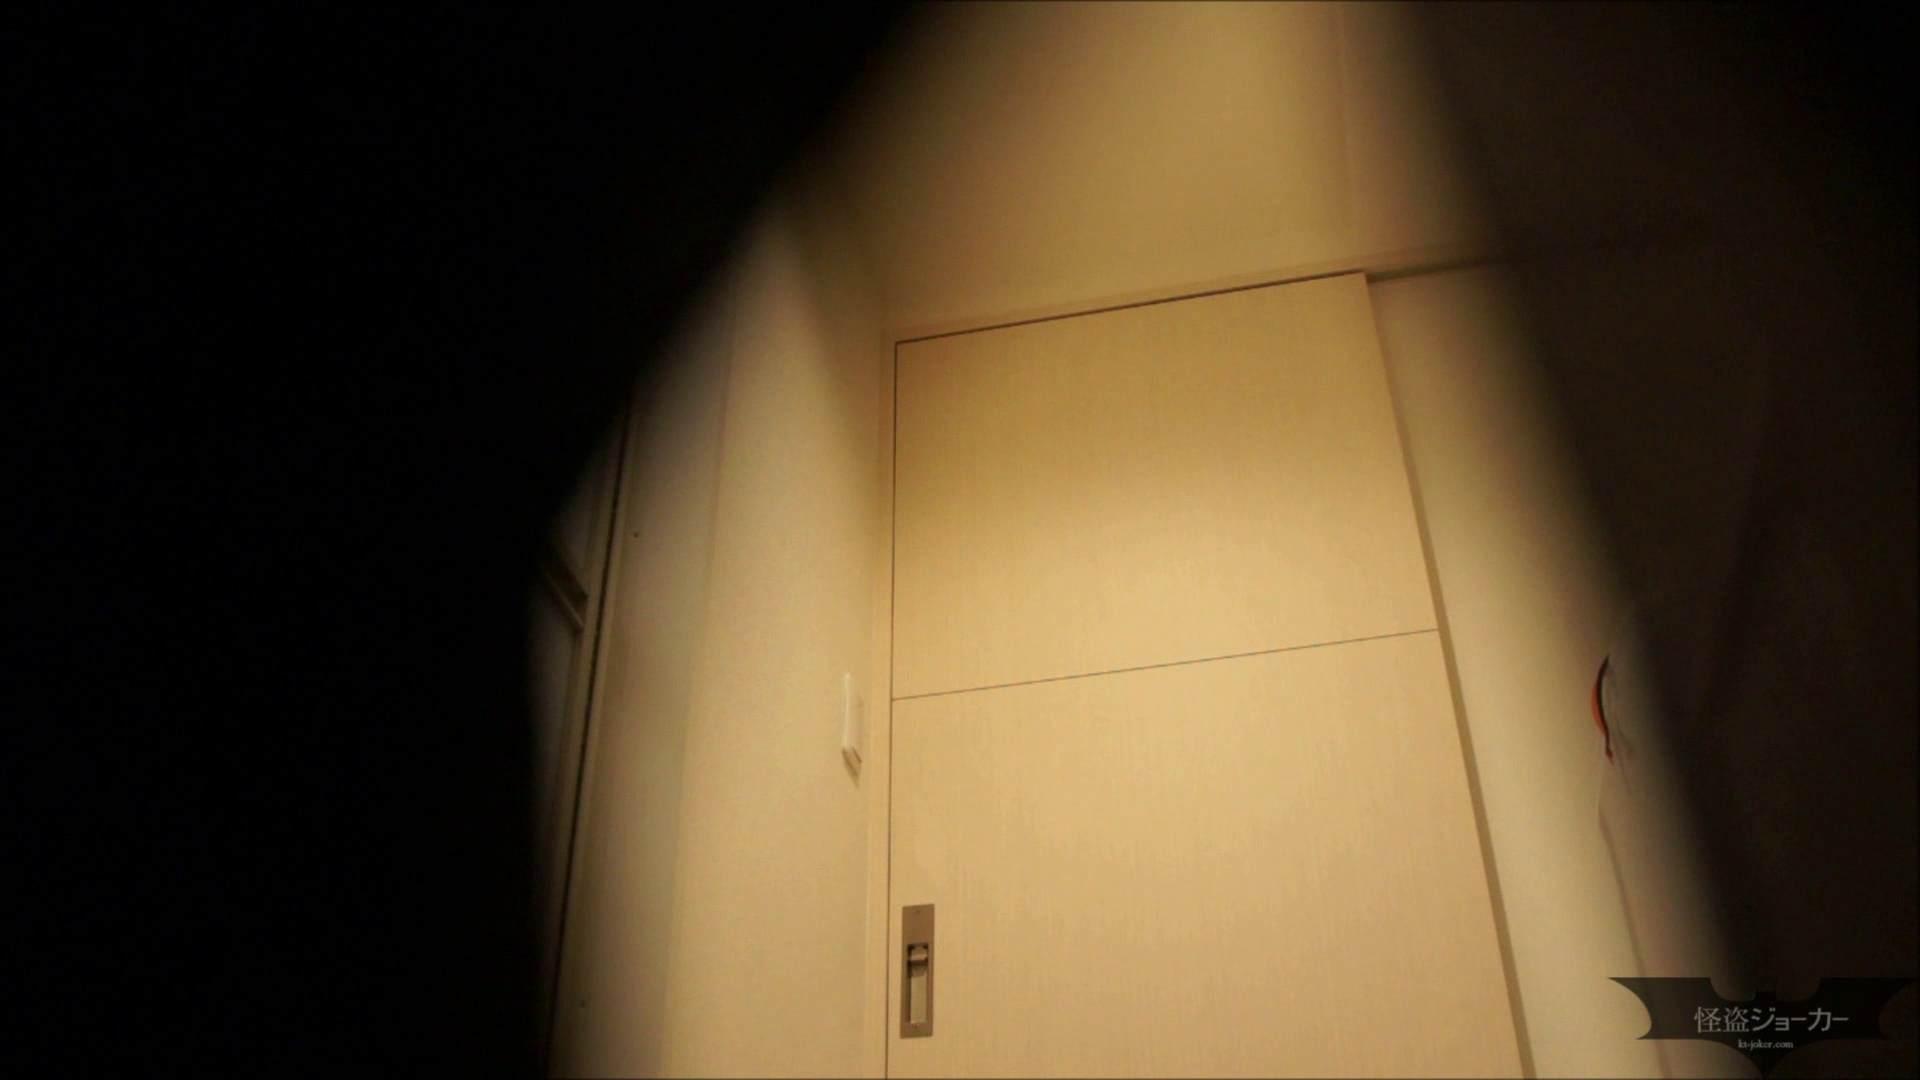 【未公開】vol.54【小春】脱衣所とオナニー隠し撮り 脱衣所   高画質  81画像 5